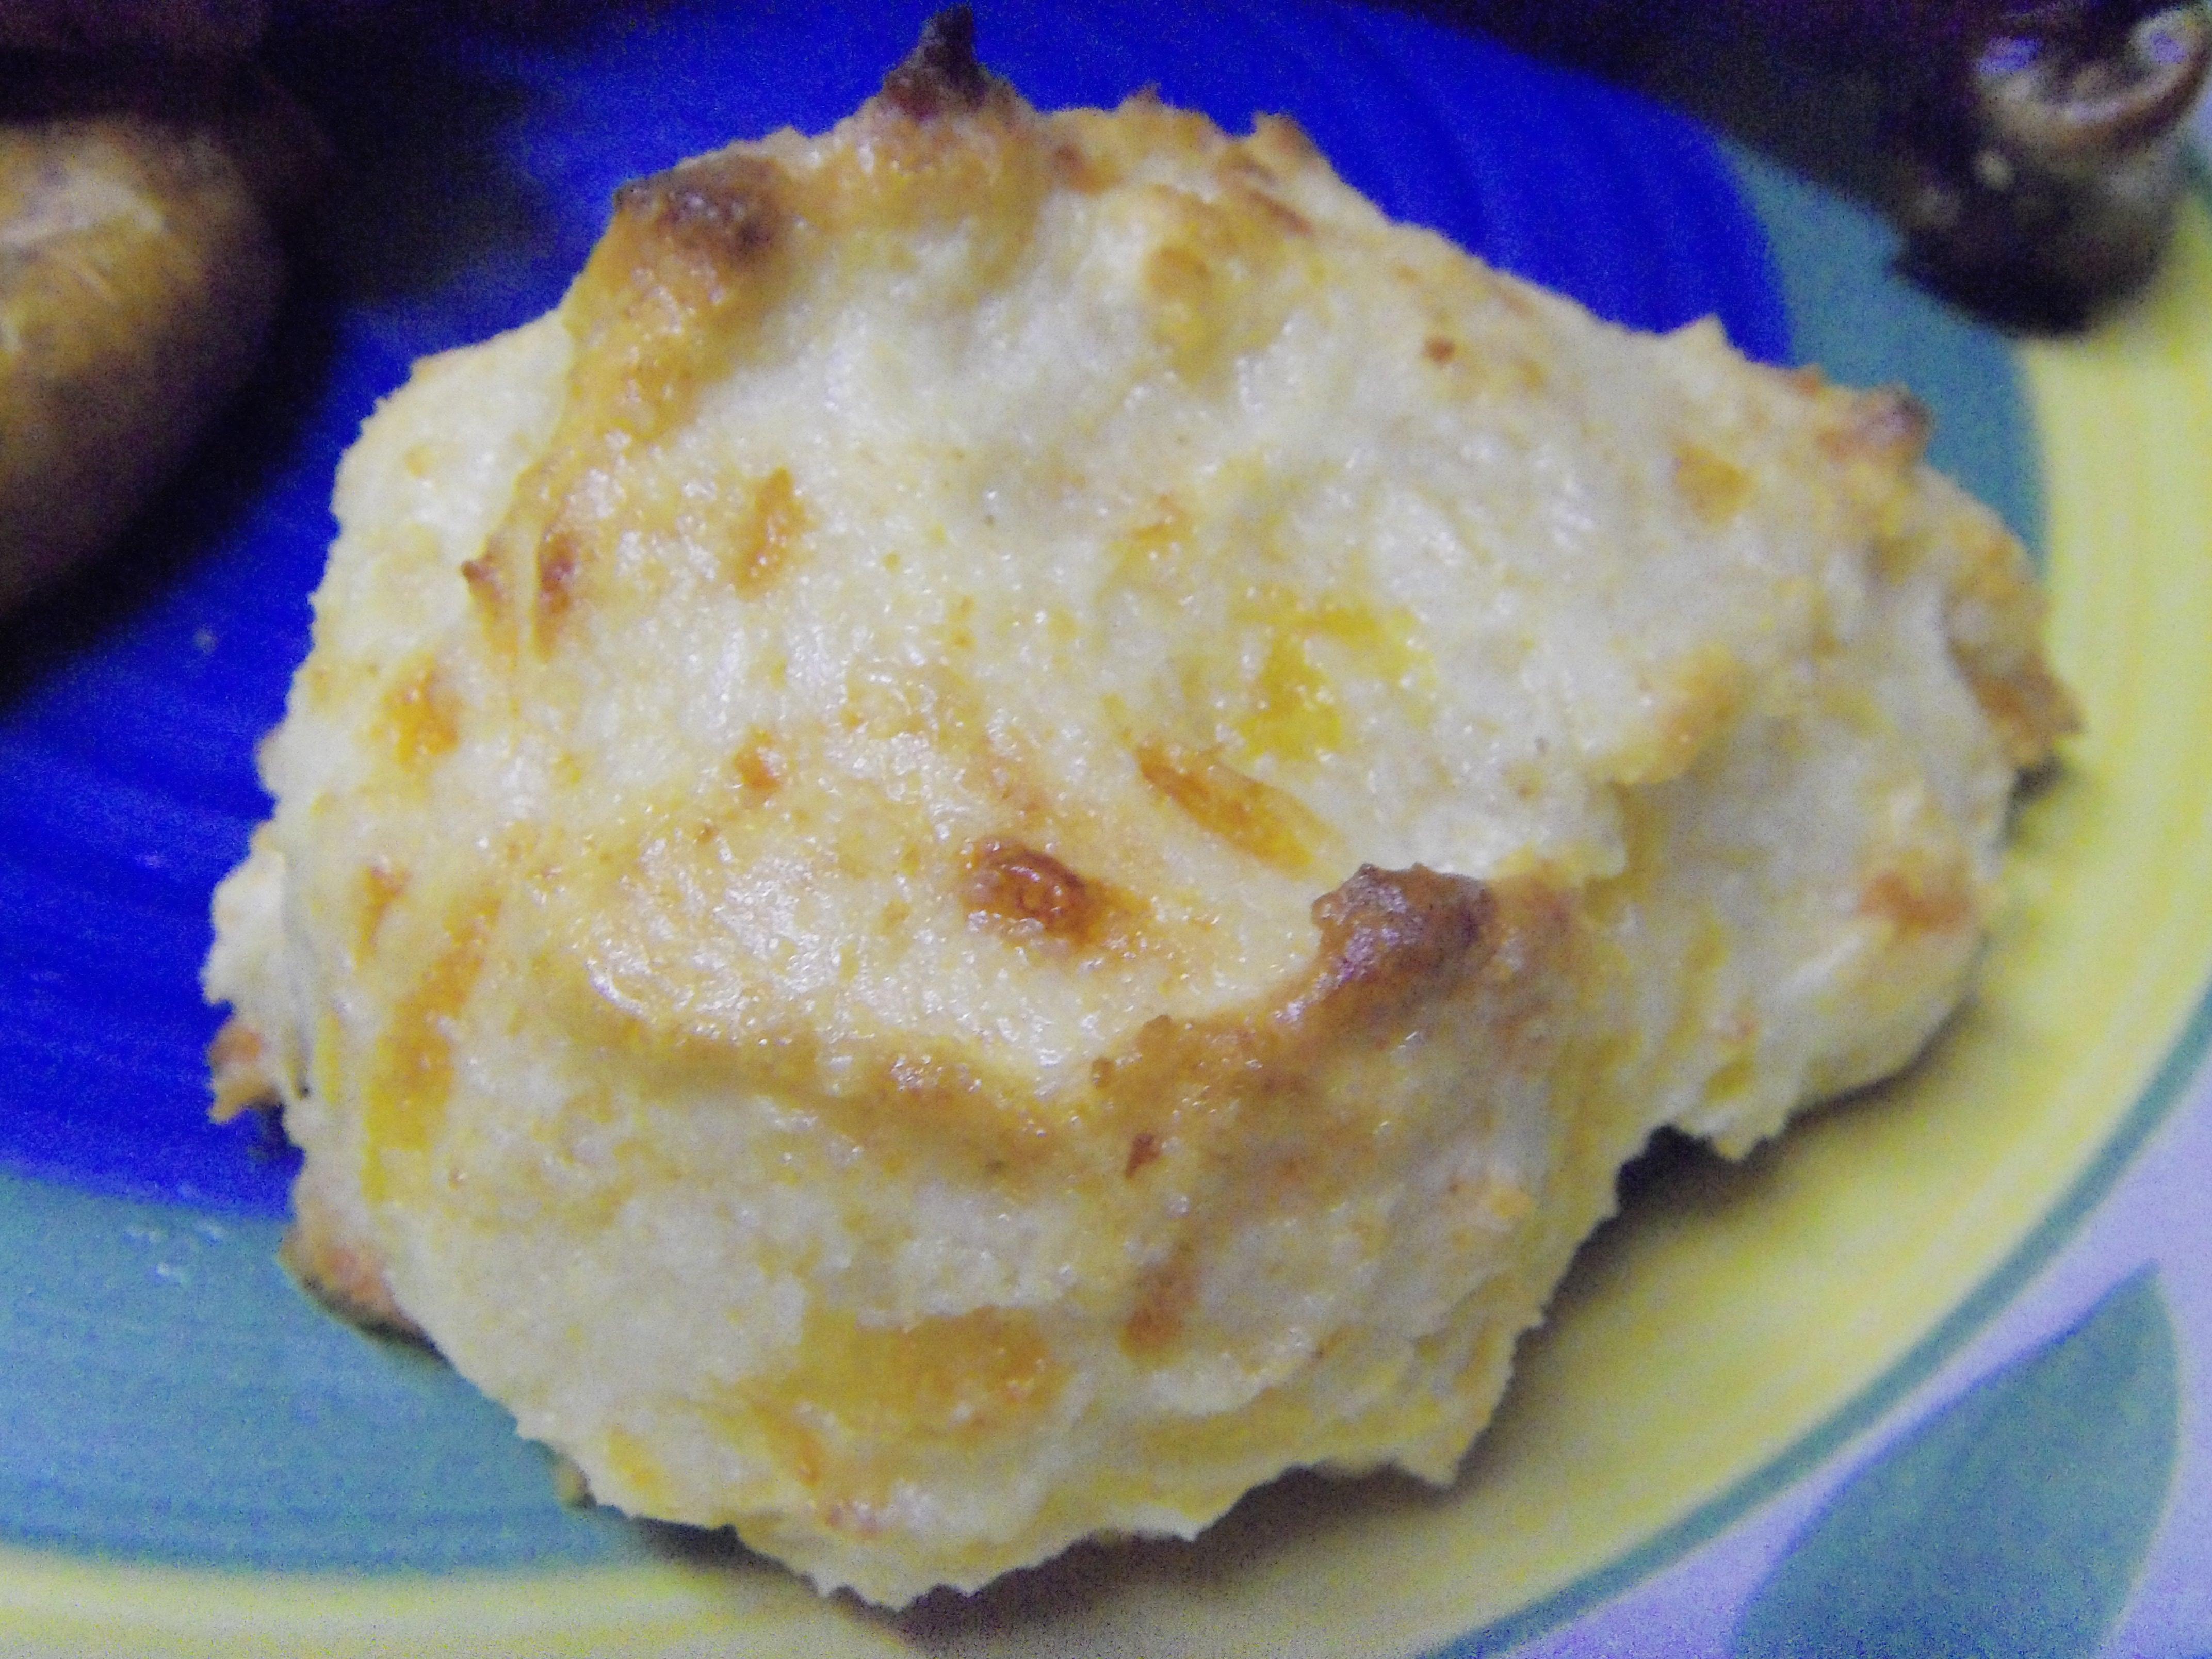 Cheddar-Garlic Biscuits